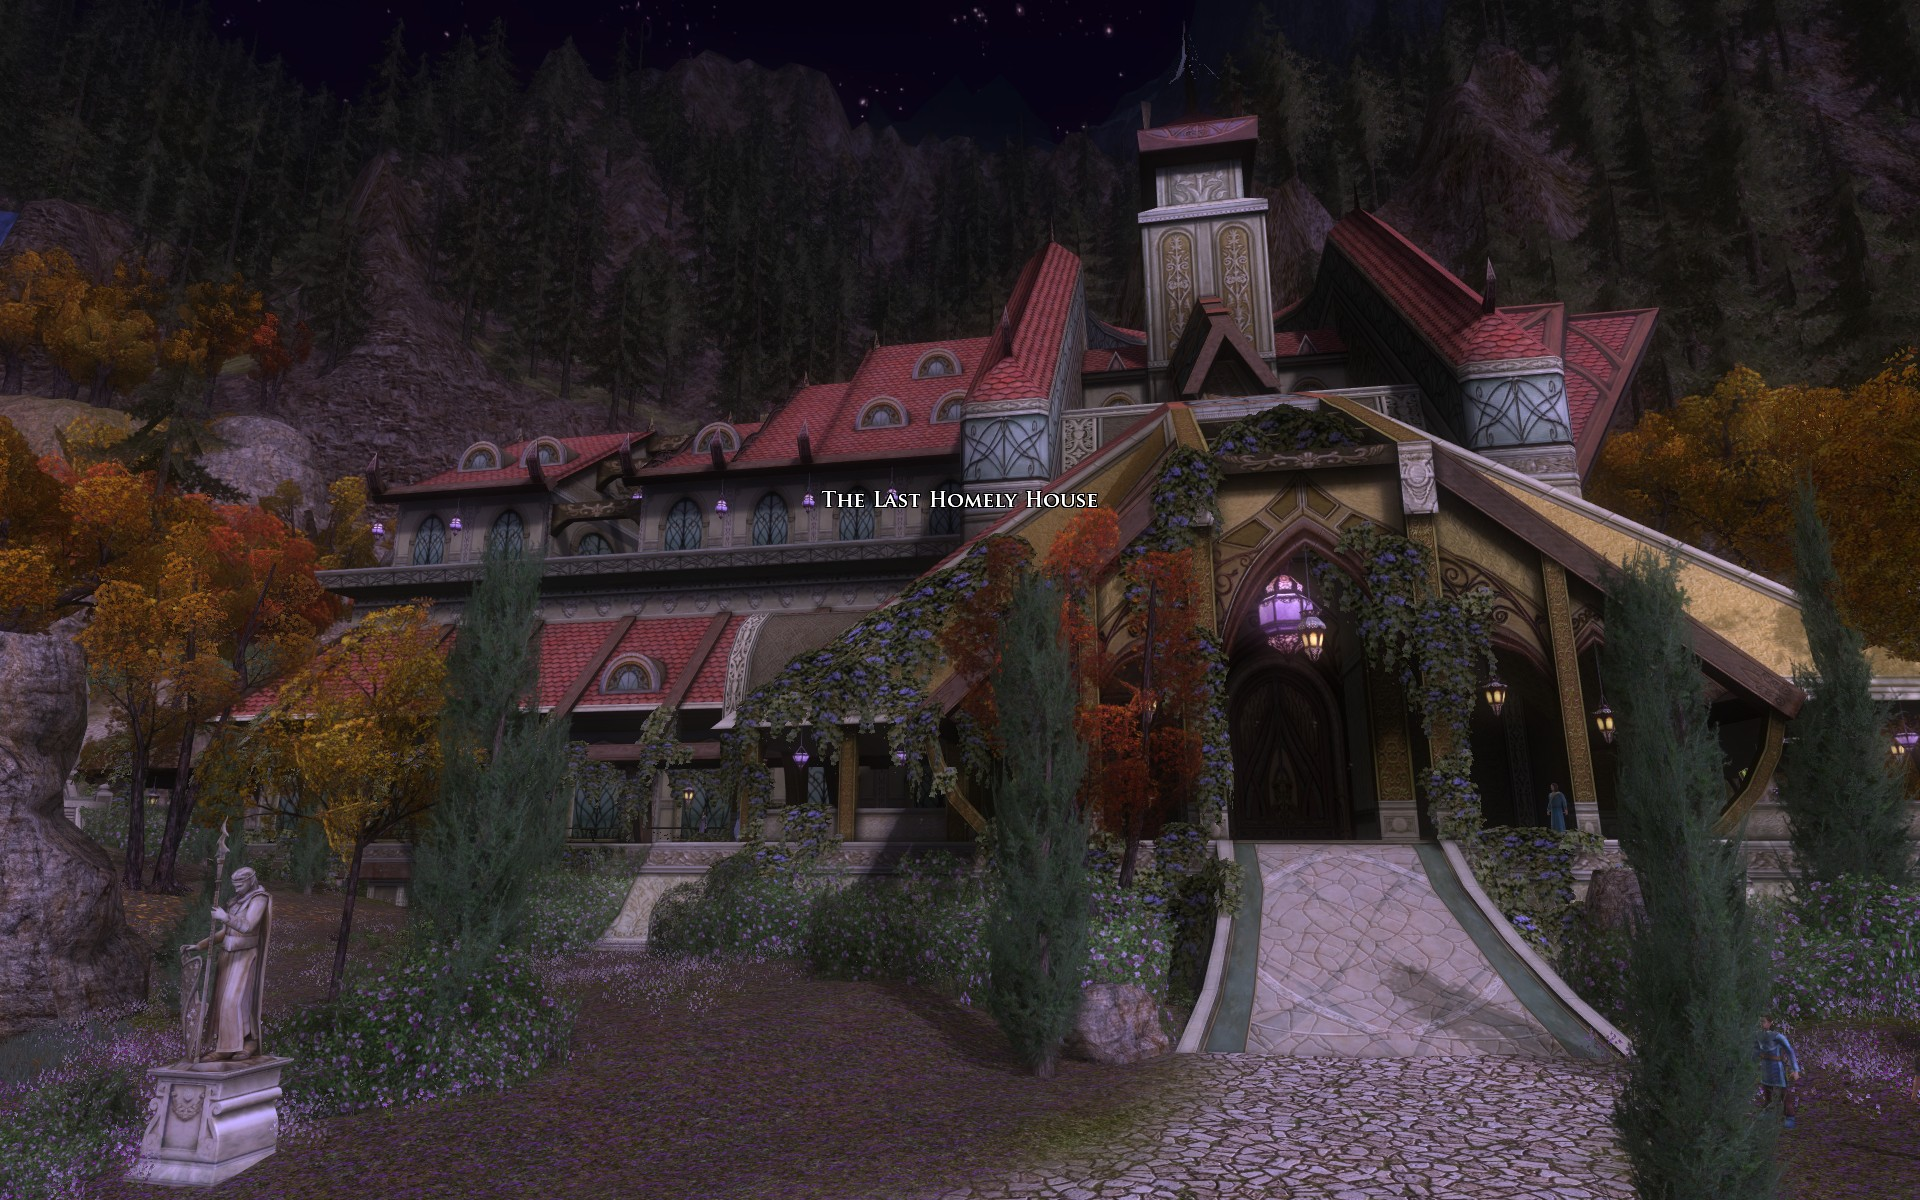 『ロード・オブ・ザ・リングス オンライン』における「最後の憩」館外観